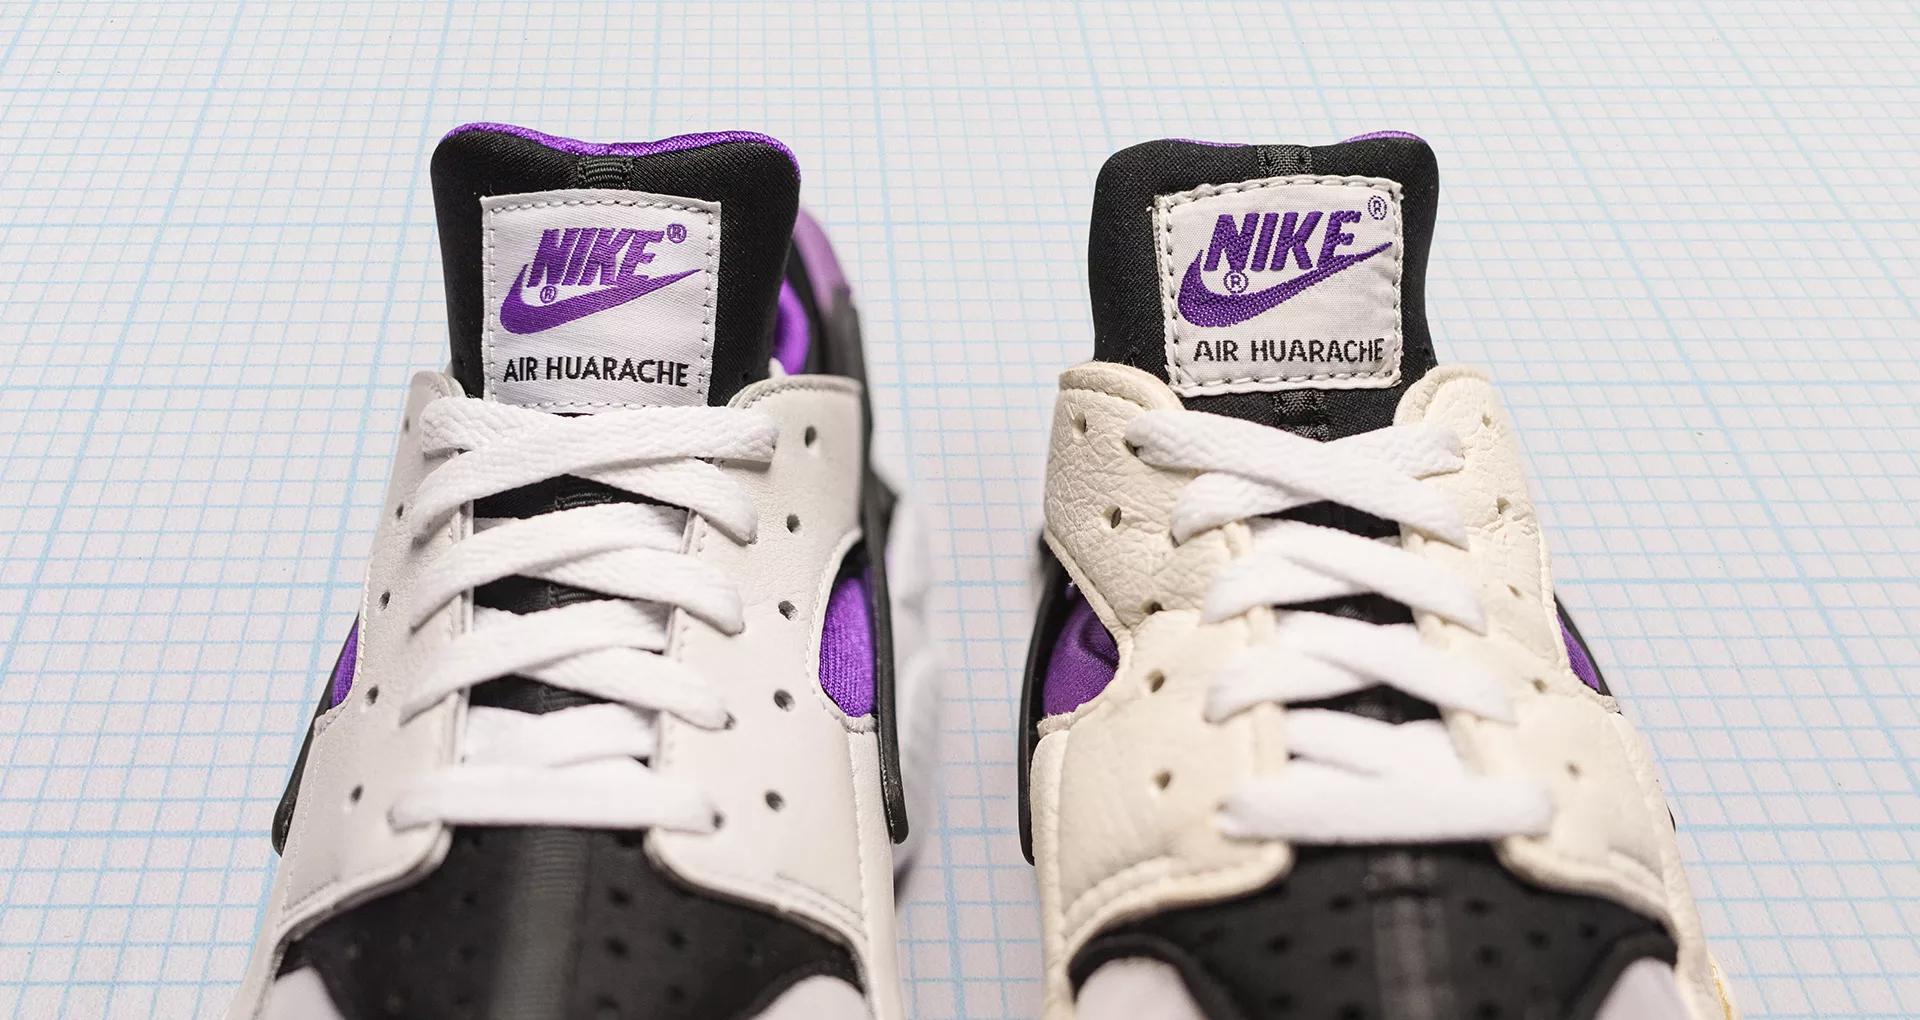 Nike Air Huarache Purple Punch 2018 1991